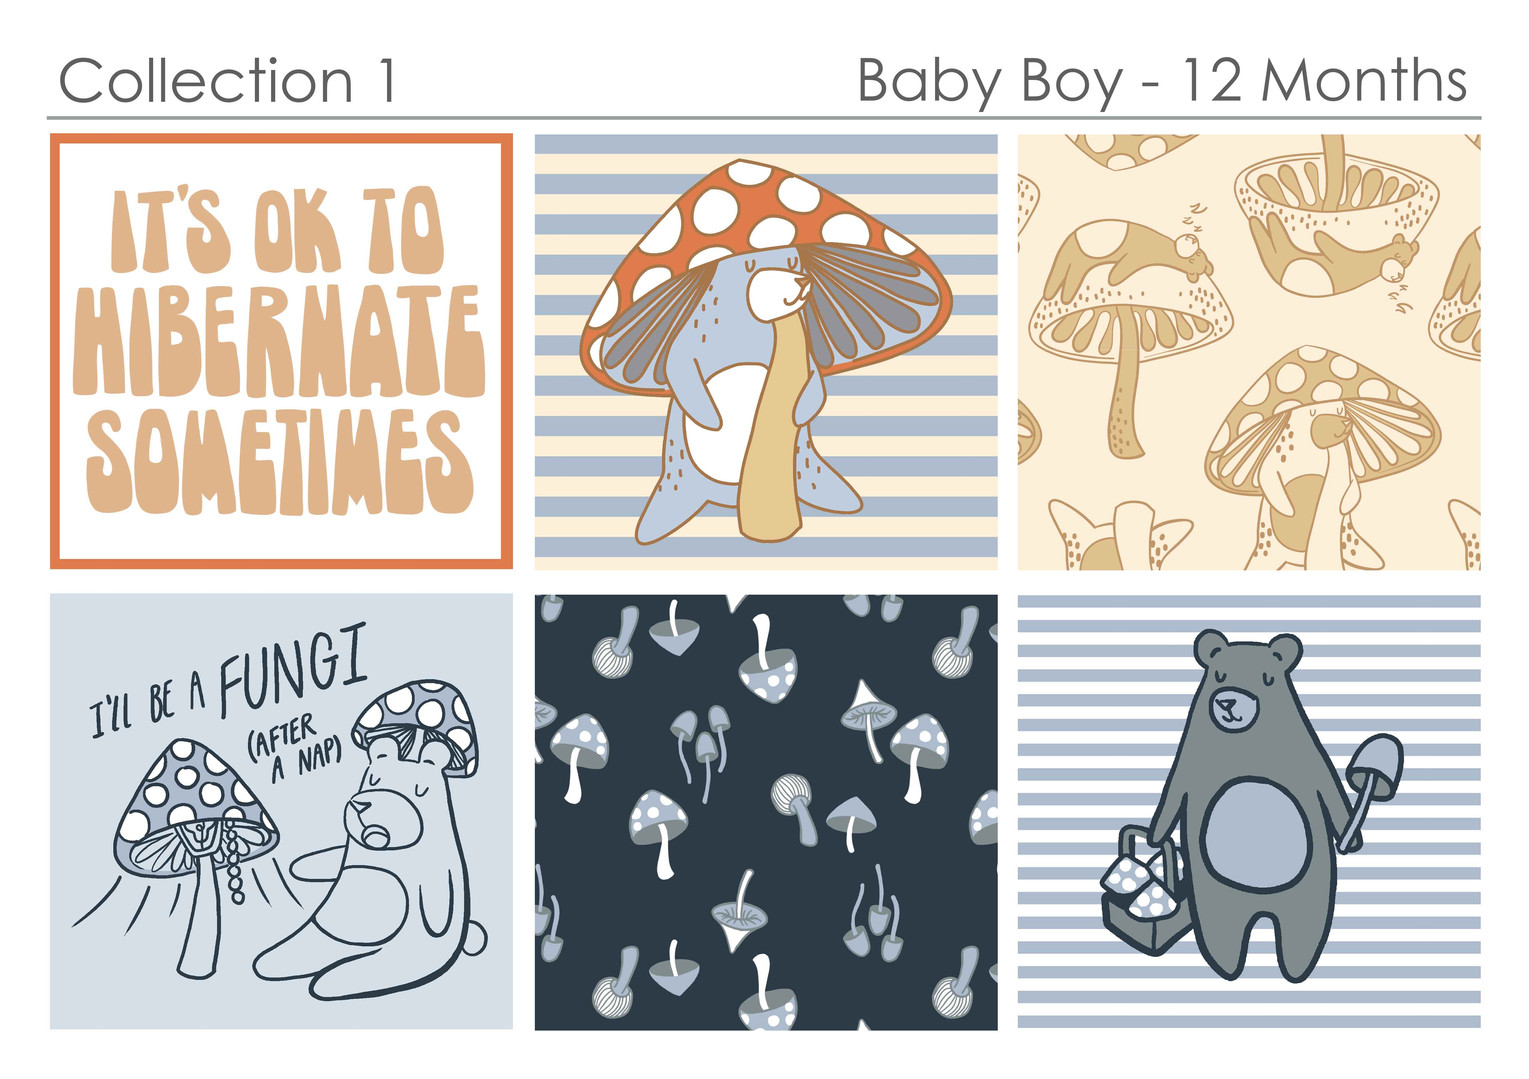 BabyBoyCollection.jpg